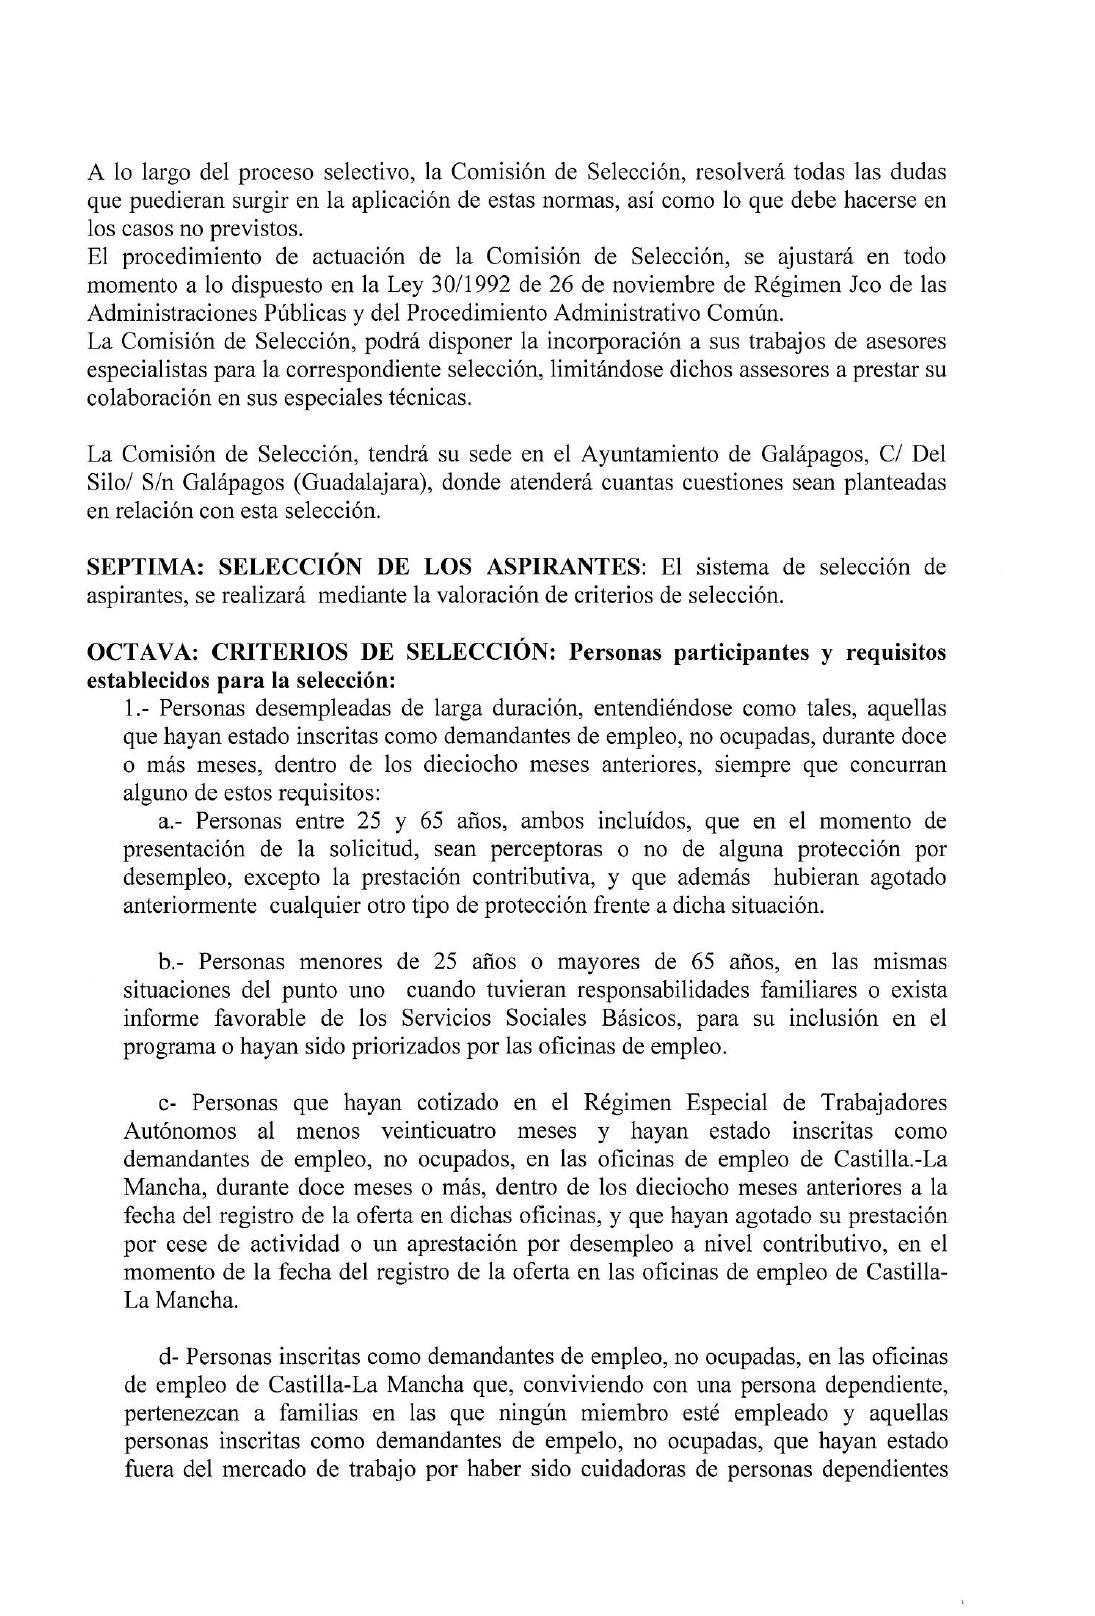 Solicitud De Trabajo Anunciodef With Solicitud De Trabajo  # Vacantes Muebles Dico Guadalajara